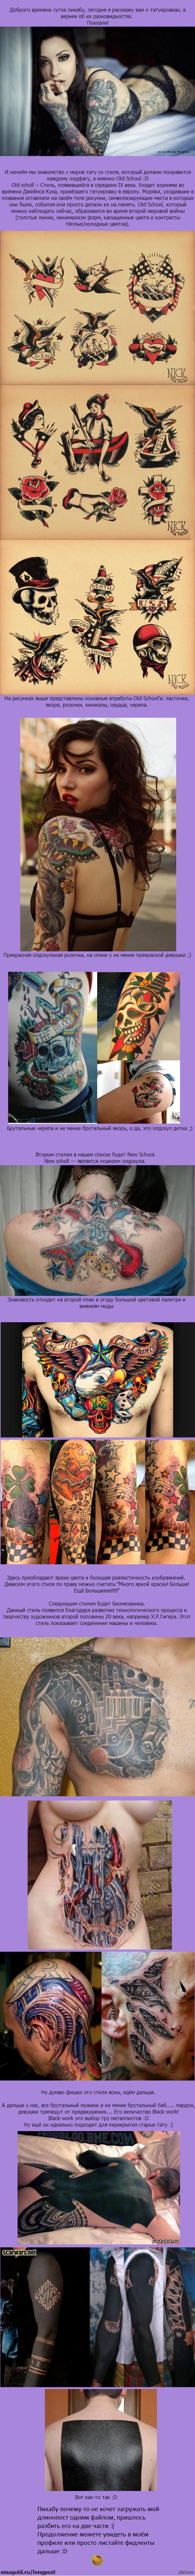 Длиннопост о разновидностях тату Часть 1 Небольшой список разных стилей тату   Честно, не ради кармы разбил пост на две части, пикабу не хотел грузить полную пикчу, пришлось разделить  тату, татуировки, длиннопост, незнаюставитьклубникуилинет